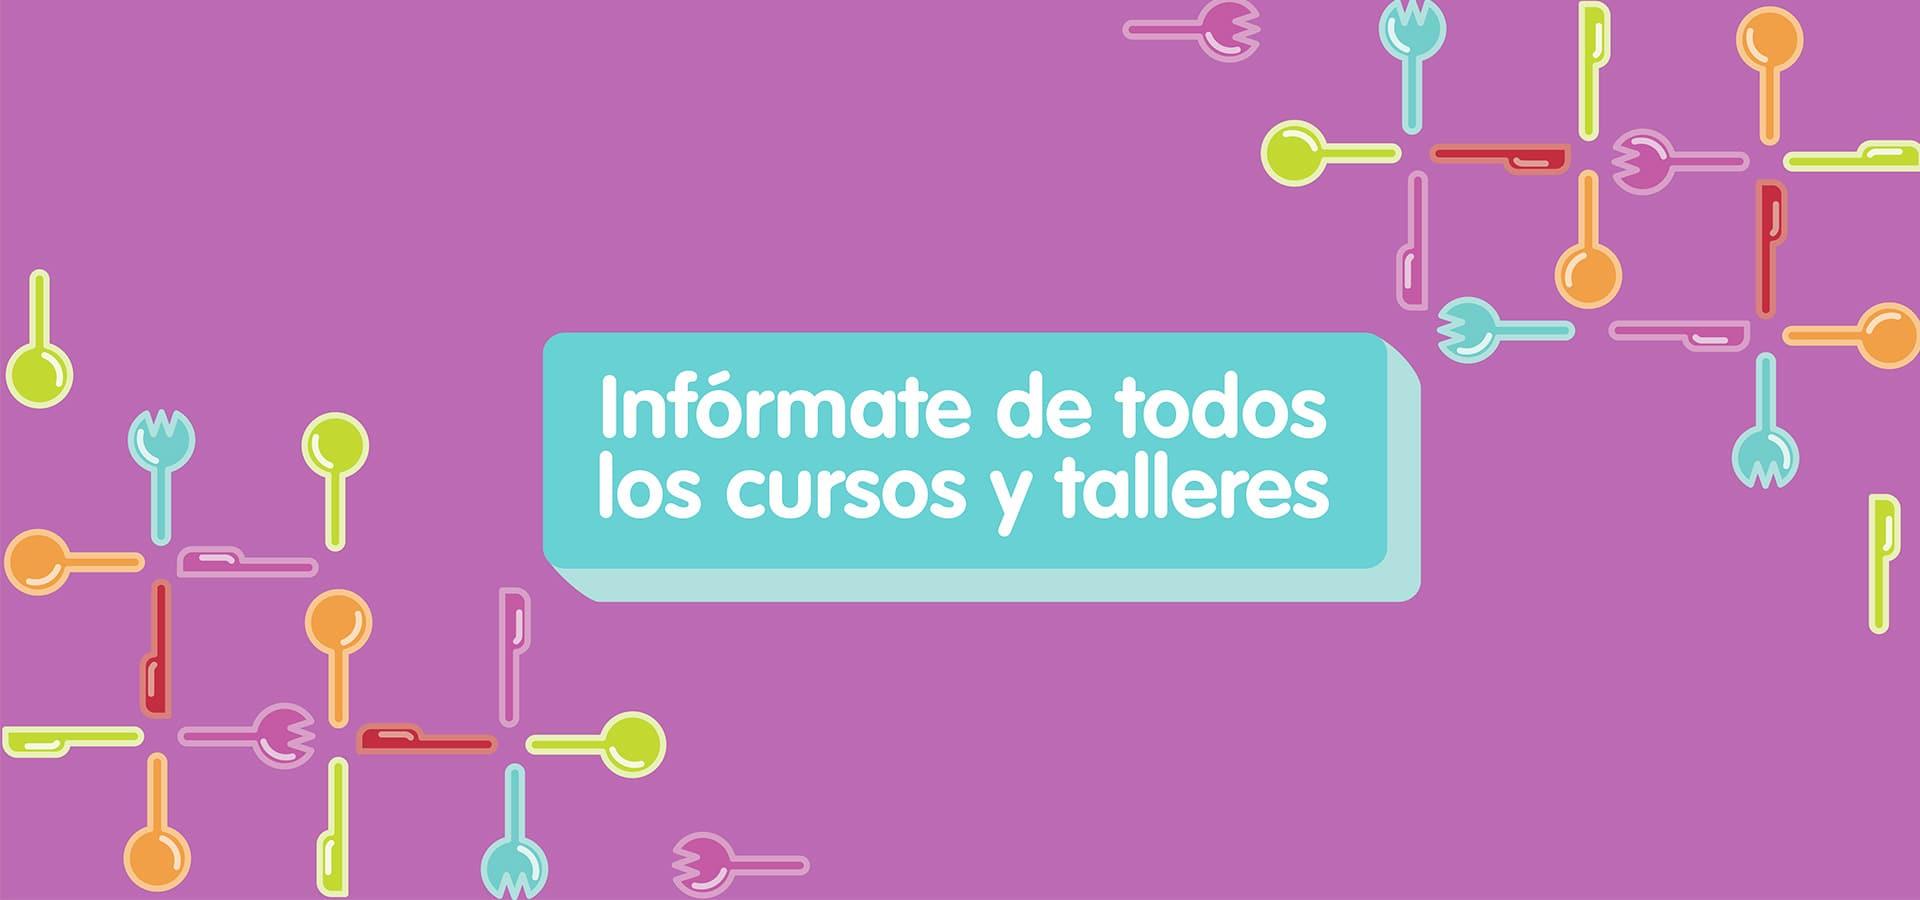 slider_home-2_info-talleres